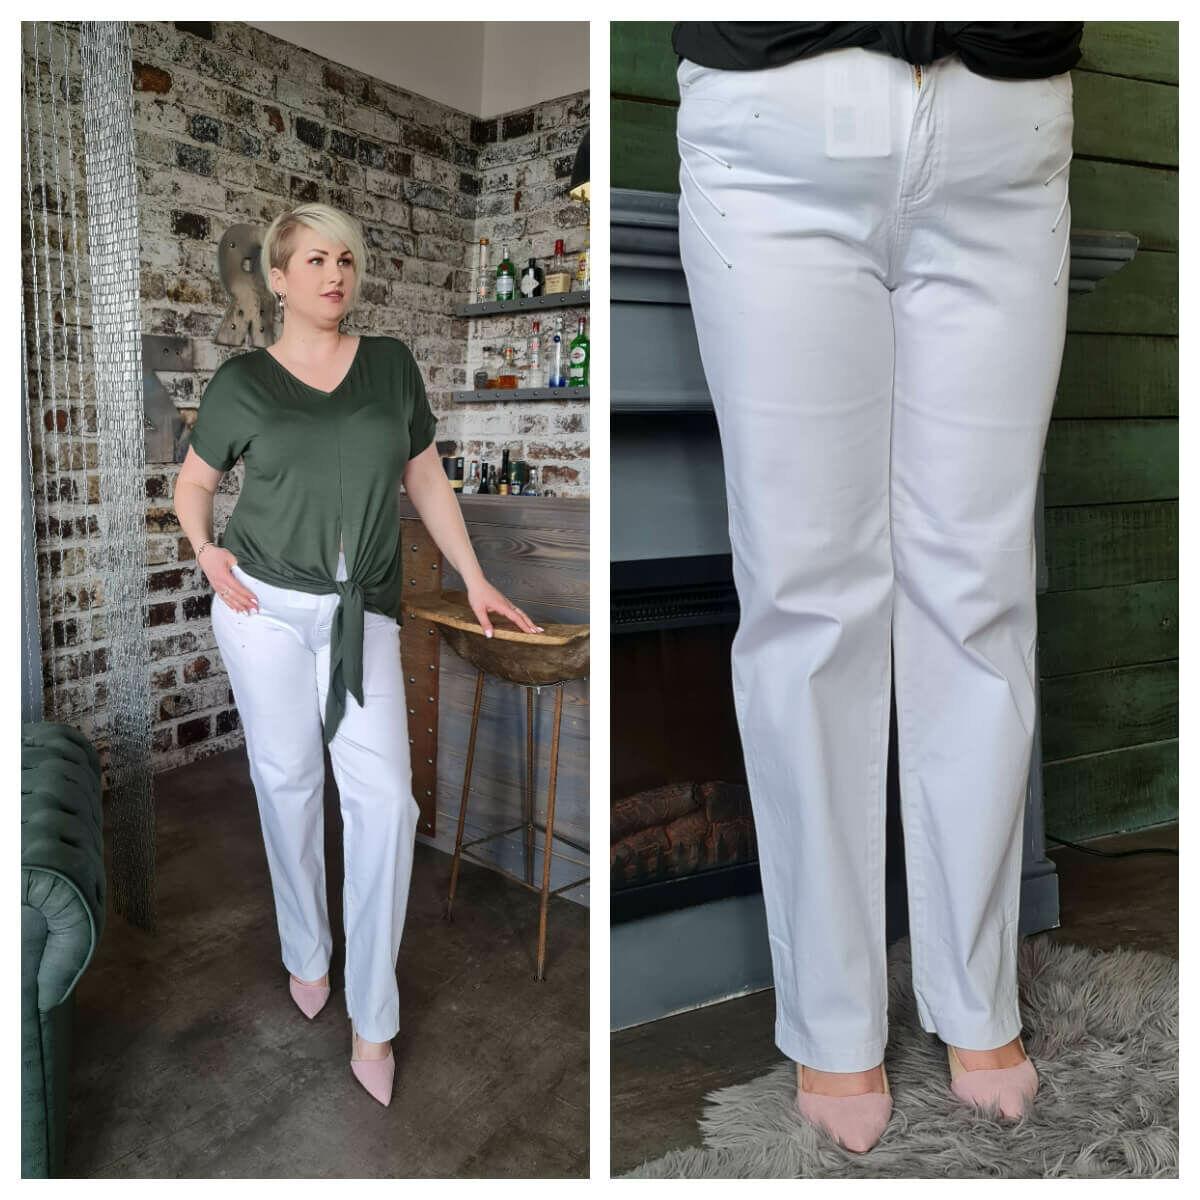 Betta nadrág - molett Lafei-Nier fehér pamut nadrág